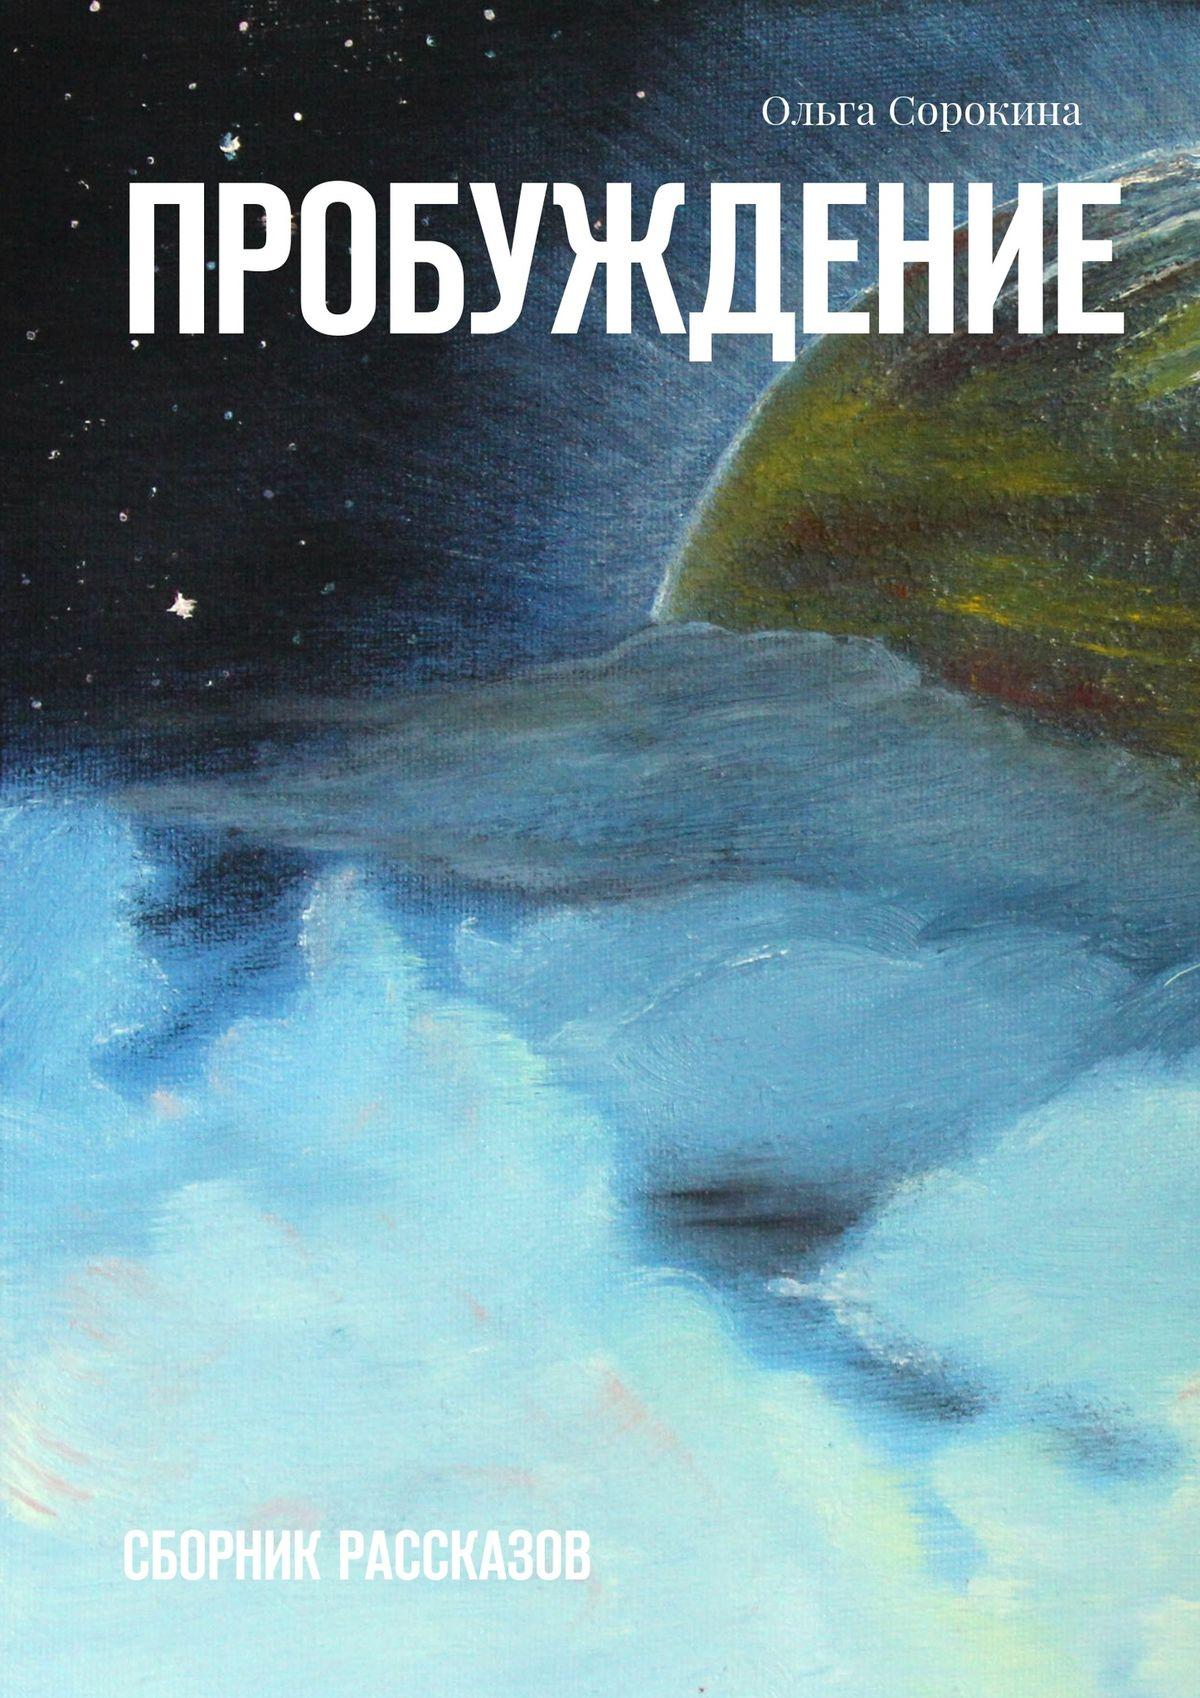 Ольга Сорокина Пробуждение. Сборник рассказов хант а пробуждение